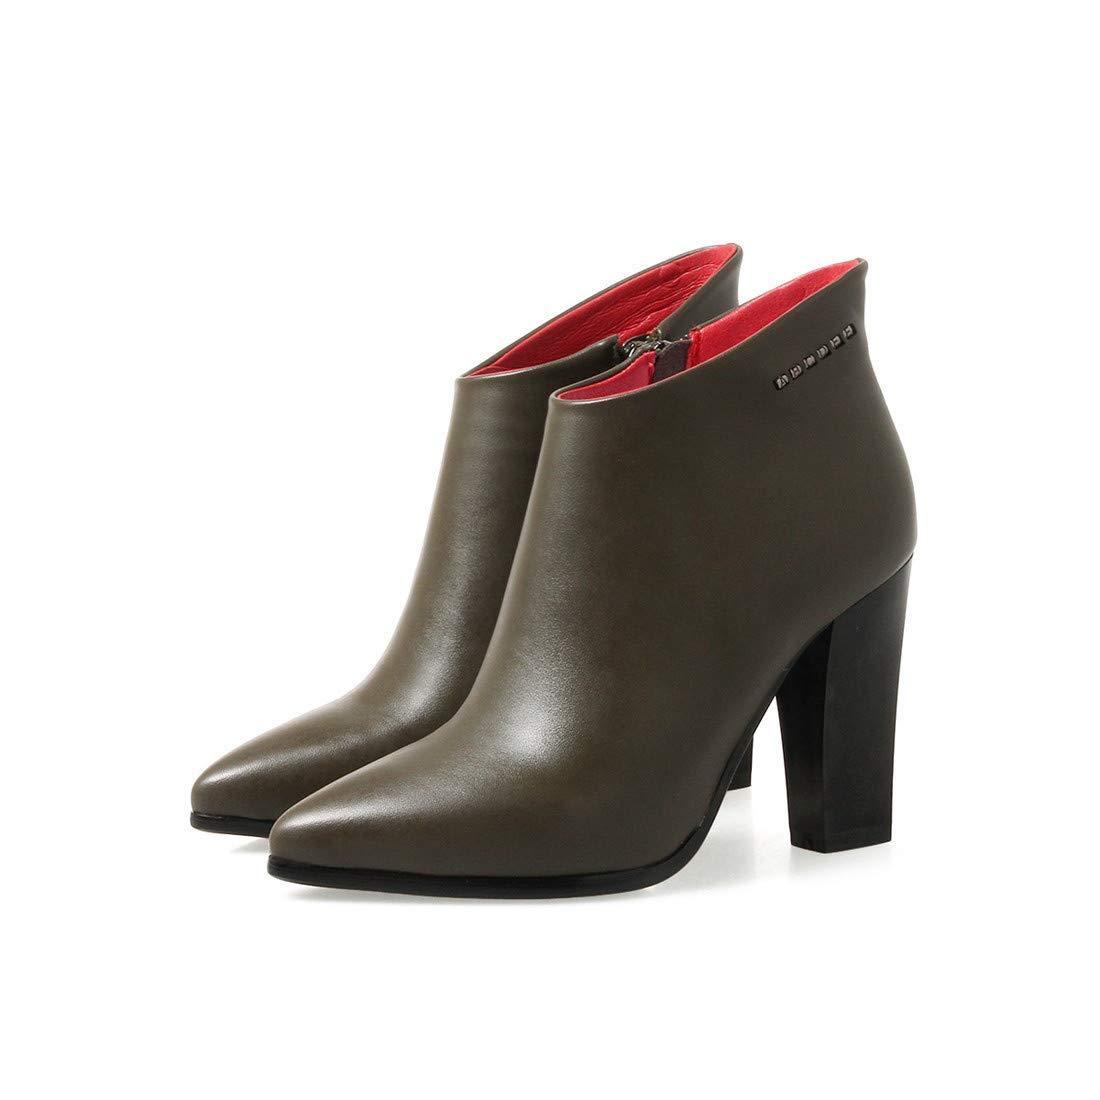 Damenschuhe Wilde einfache Stiefel absätzen hohen mit Frauen